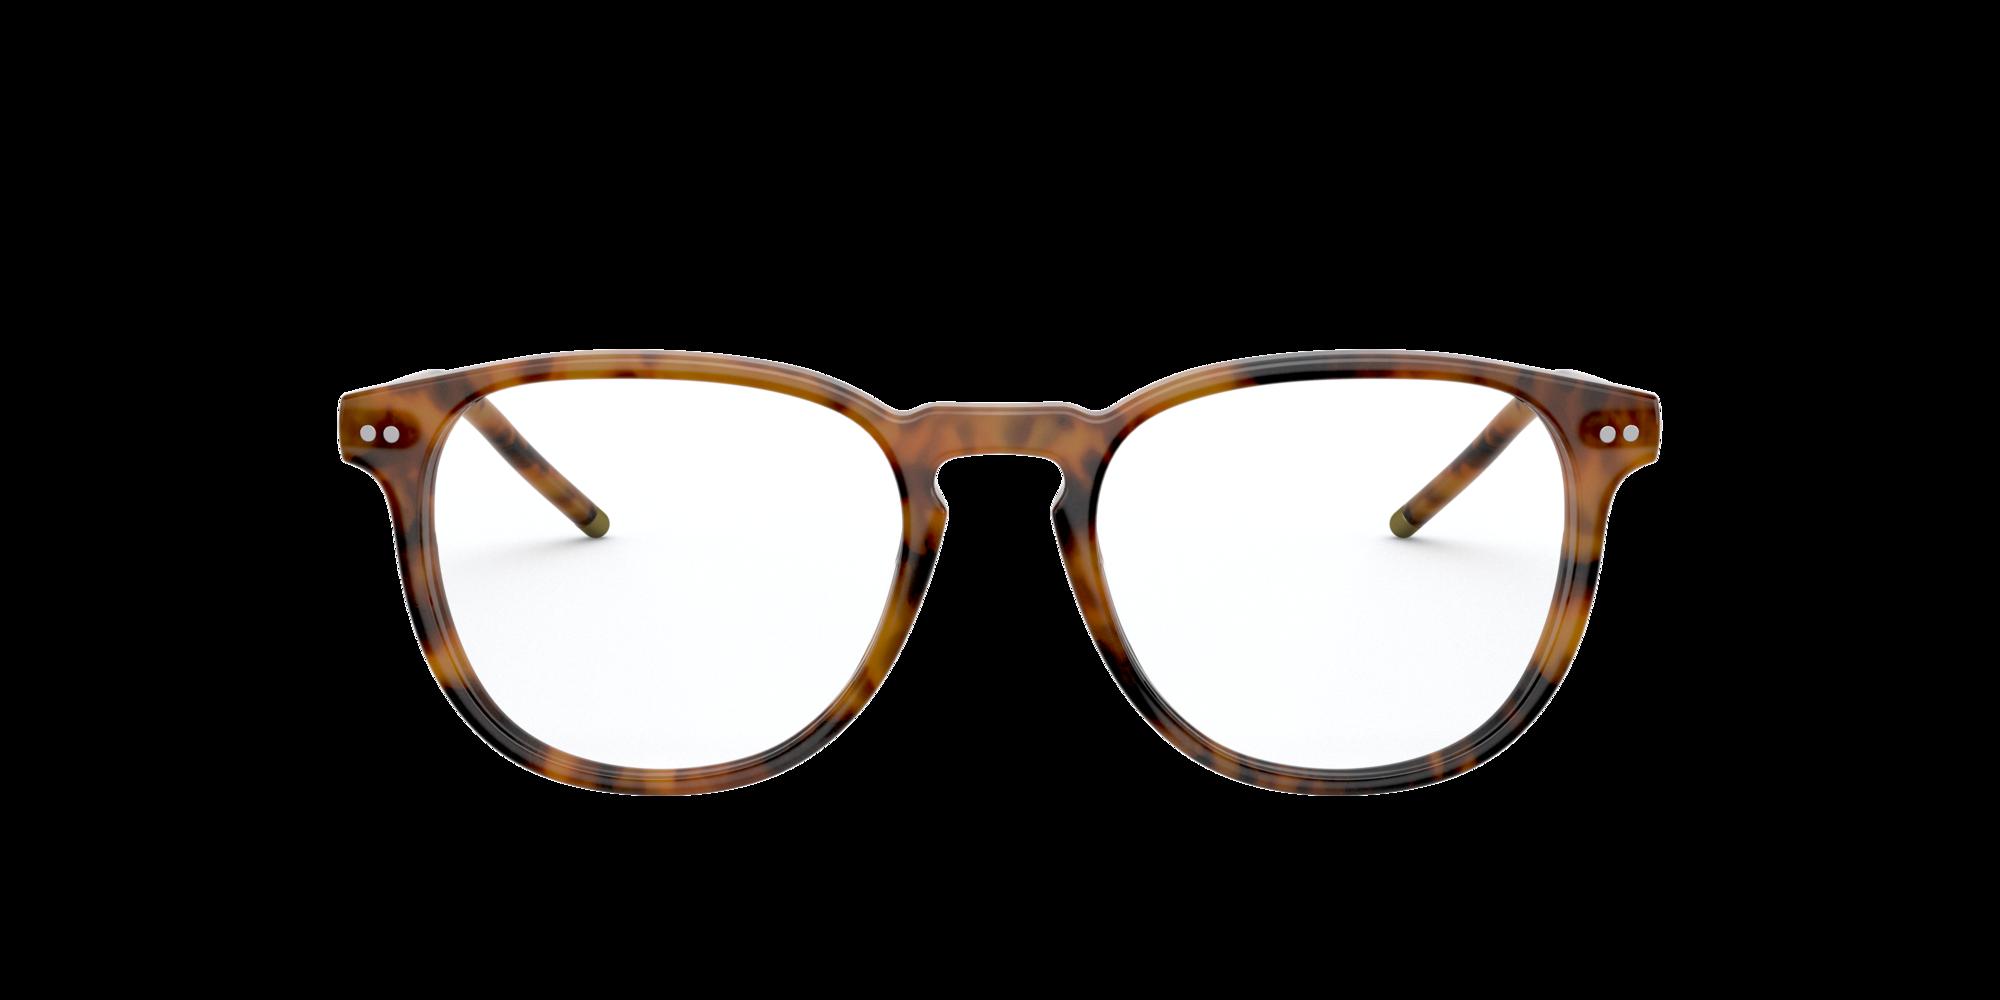 Imagen para PH2225 de LensCrafters |  Espejuelos, espejuelos graduados en línea, gafas